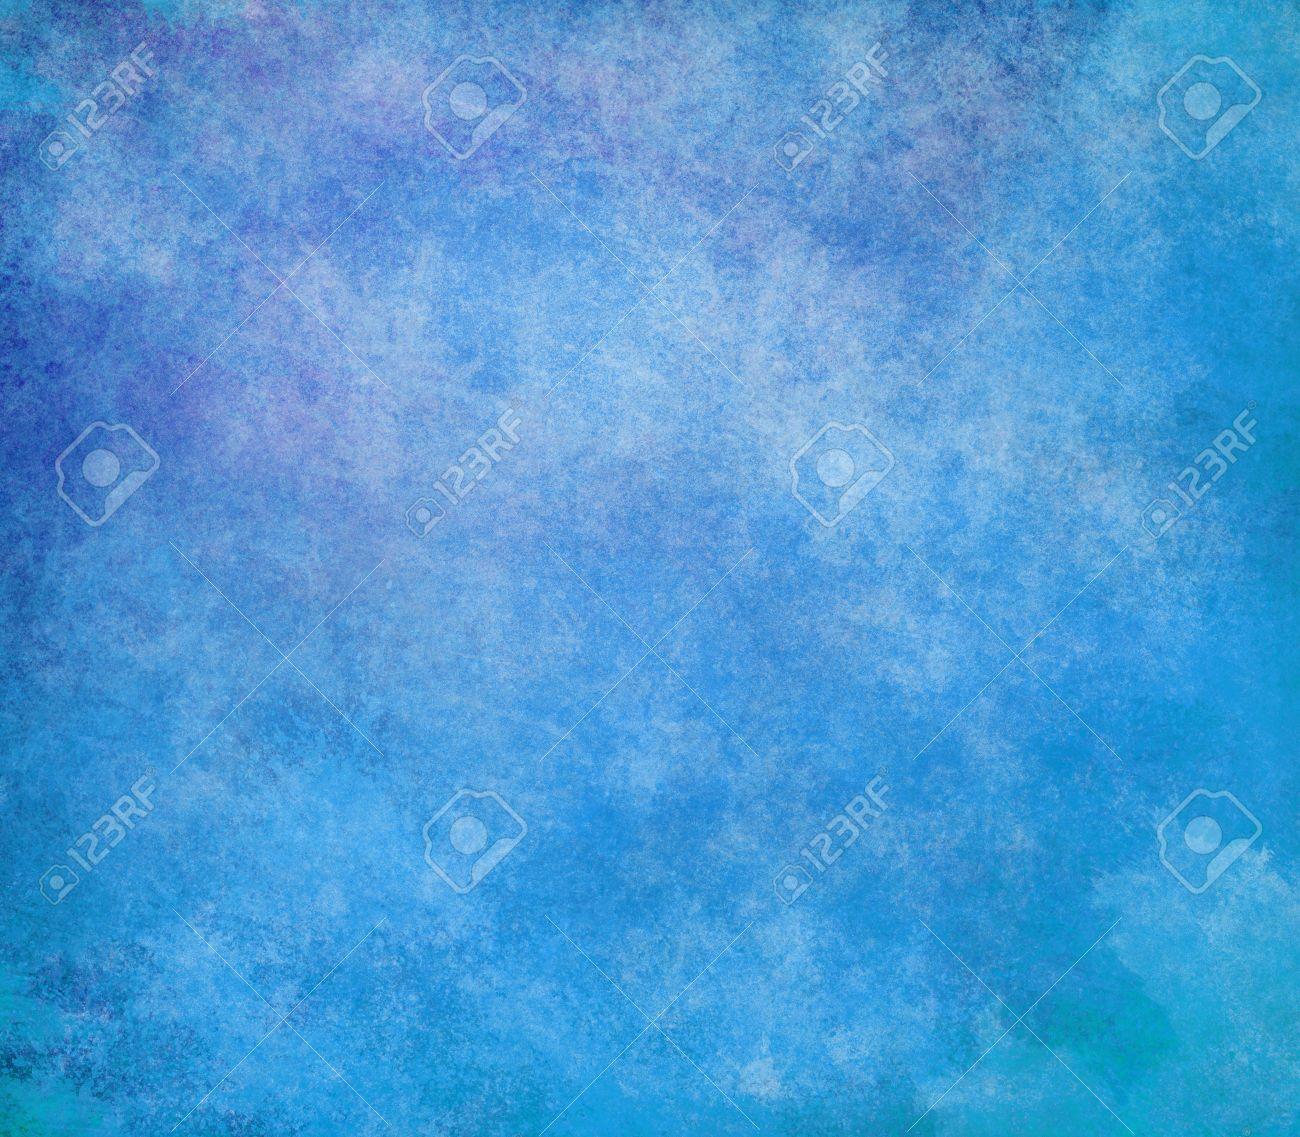 royal blue background black border cool blue color background